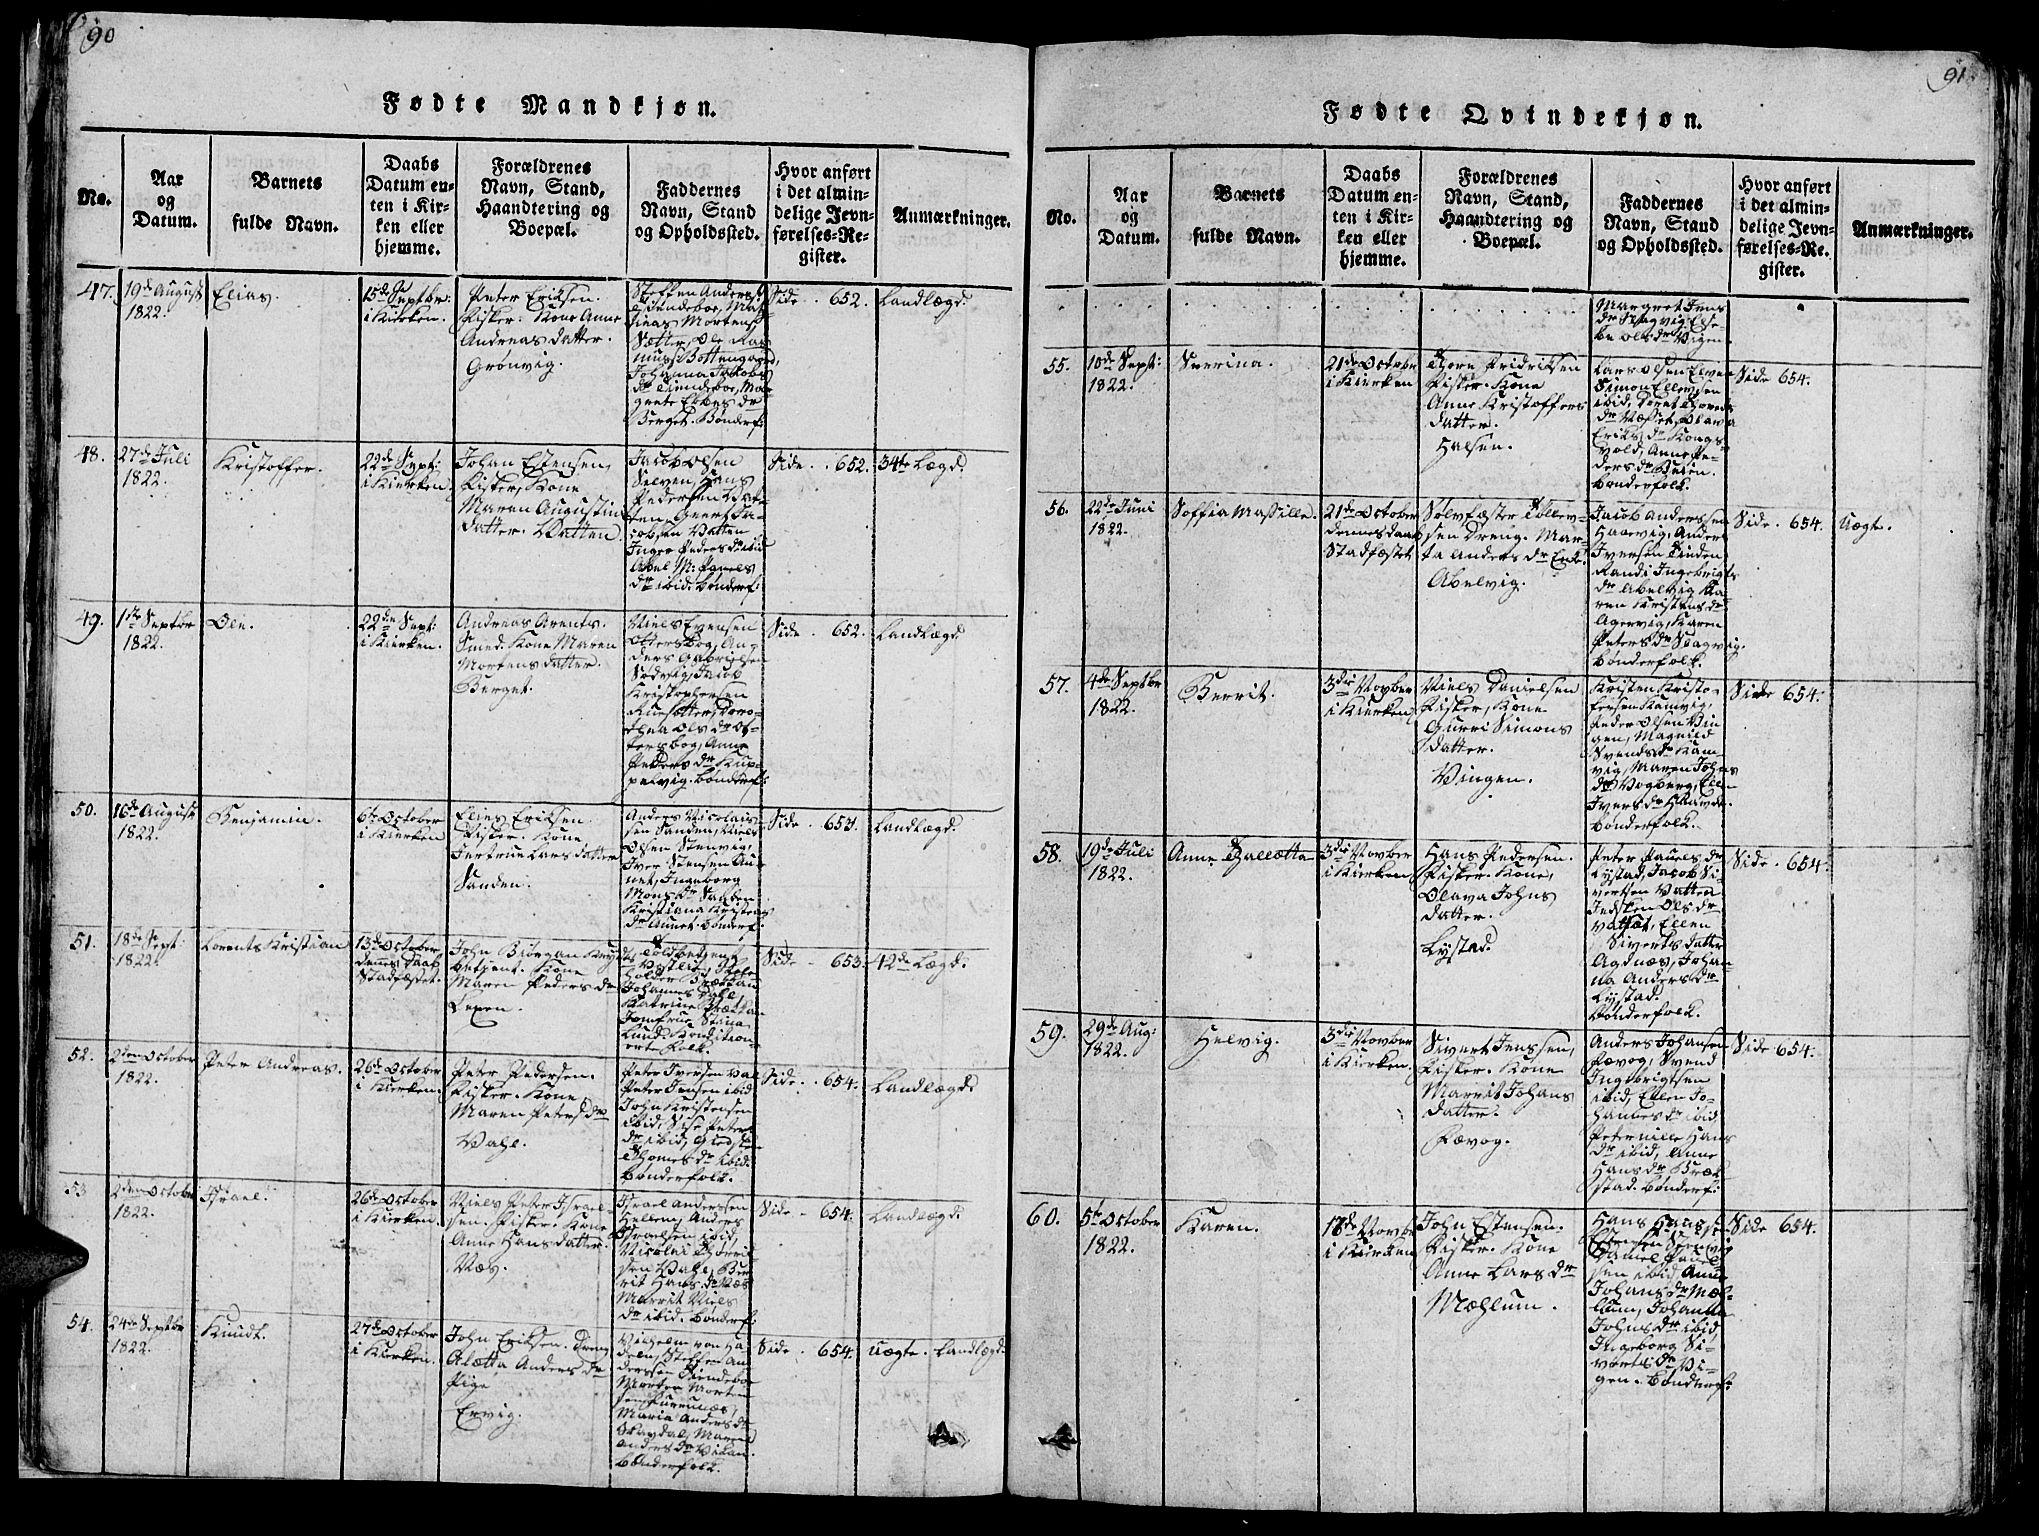 SAT, Ministerialprotokoller, klokkerbøker og fødselsregistre - Sør-Trøndelag, 659/L0744: Klokkerbok nr. 659C01, 1818-1825, s. 90-91